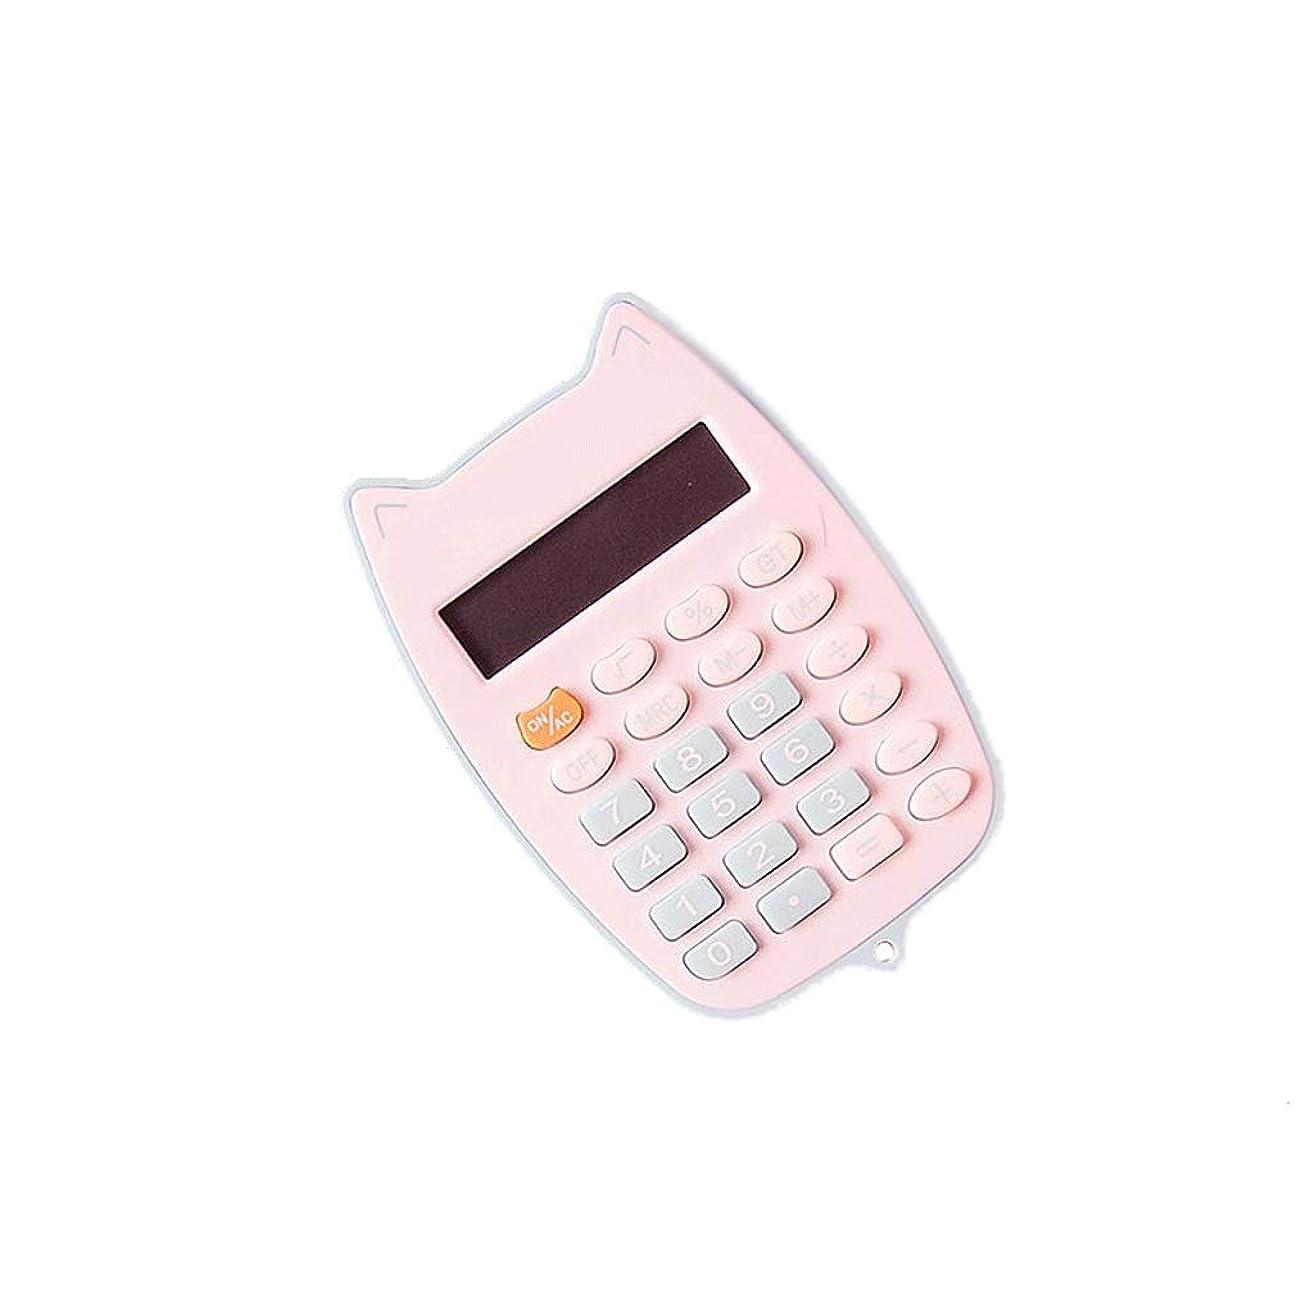 クリスマスファブリックおじさんポータブル電卓かわいいミニ学生電卓キャンディーカラーポータブル電卓オフィス耐久性のある快適な (Color : Blue)